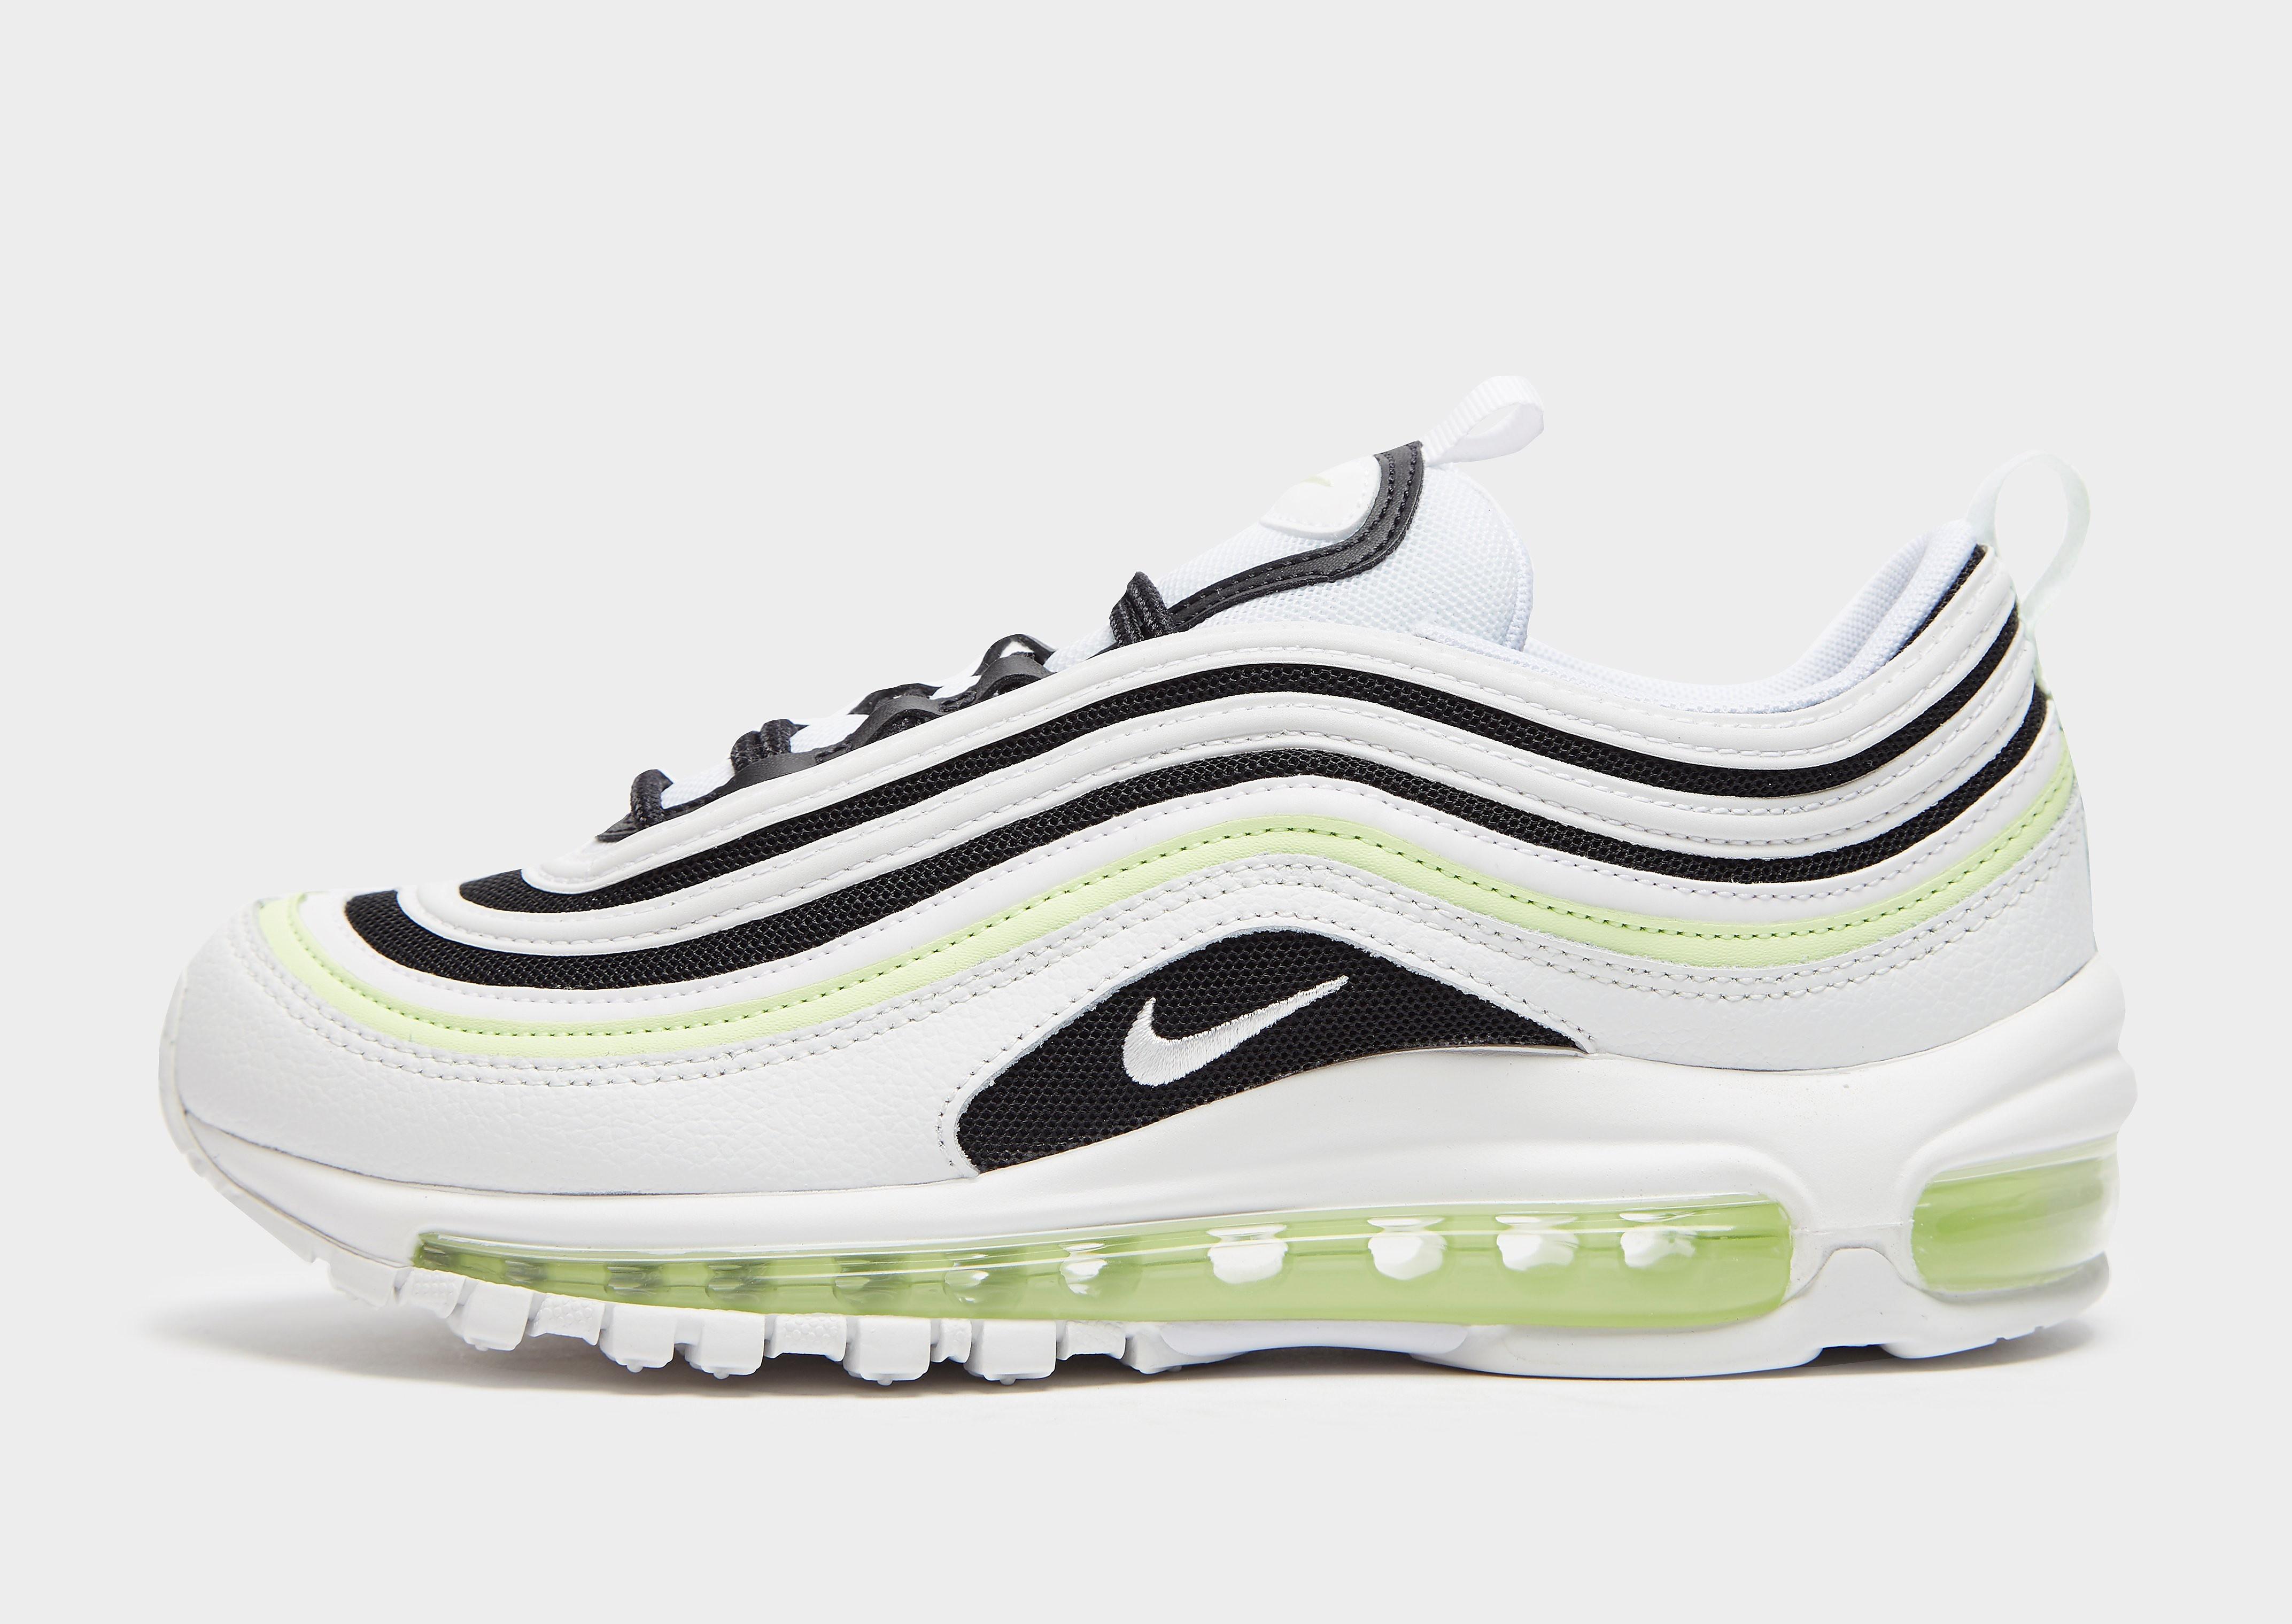 Nike Air Max 97 OG Femme - Blanc, Blanc